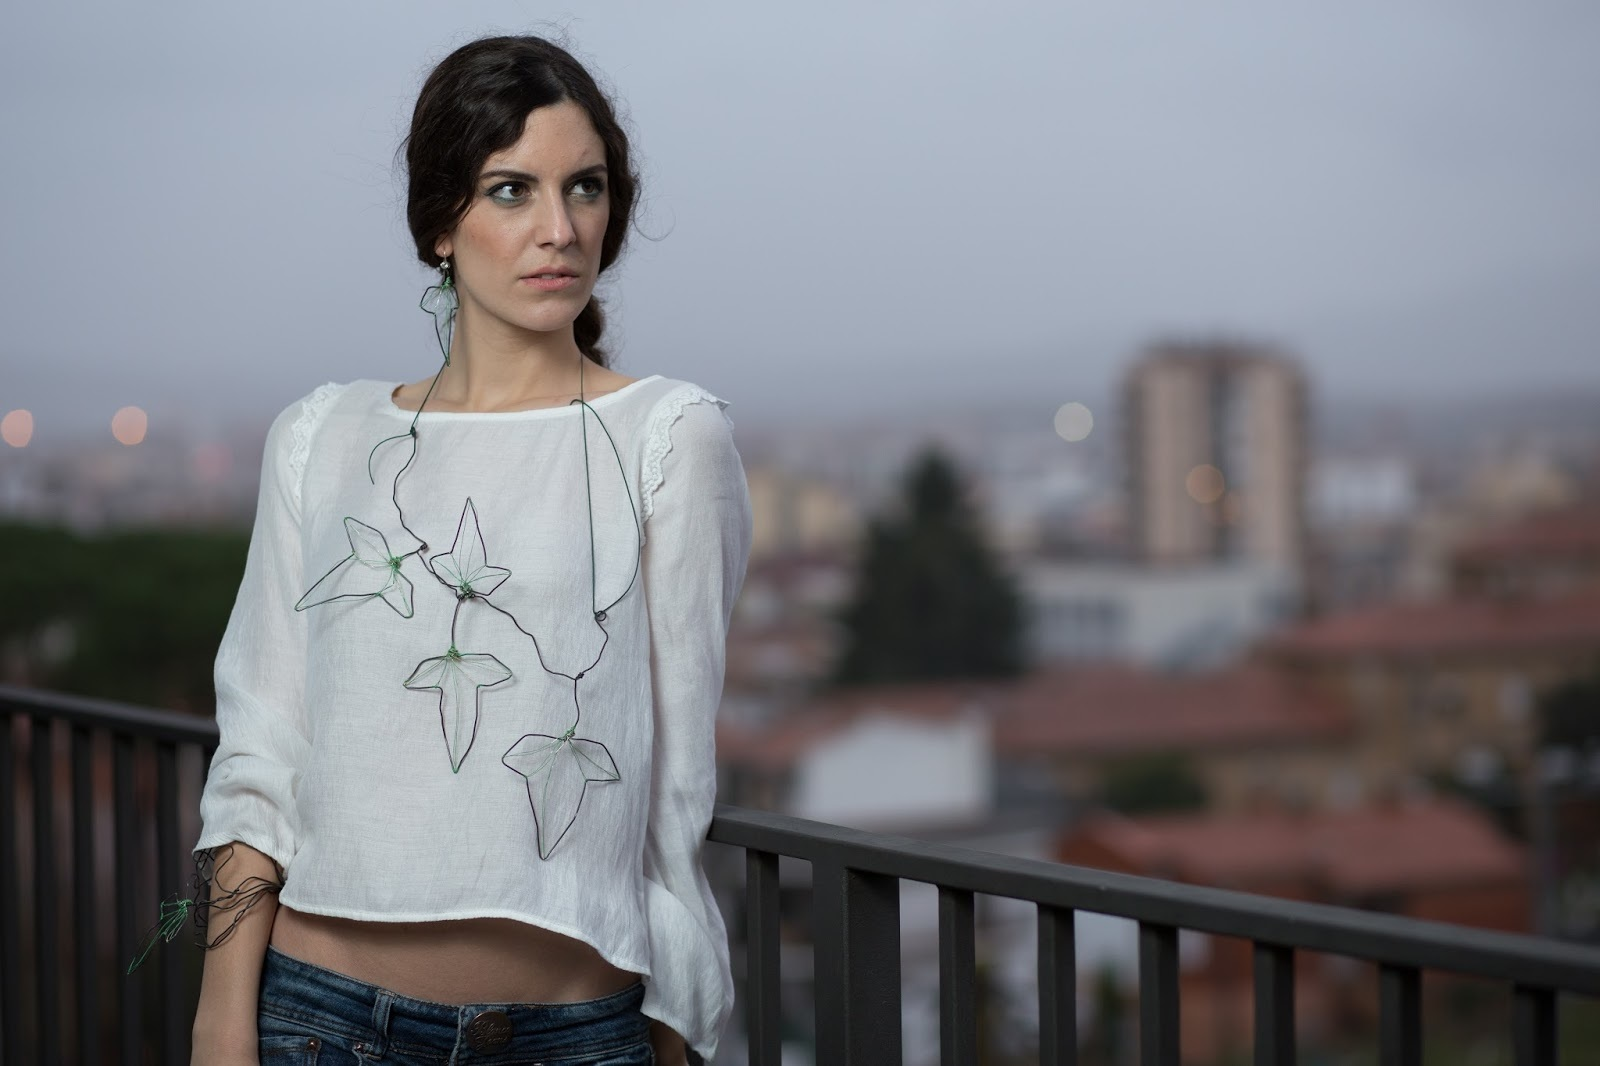 Roser Martínez